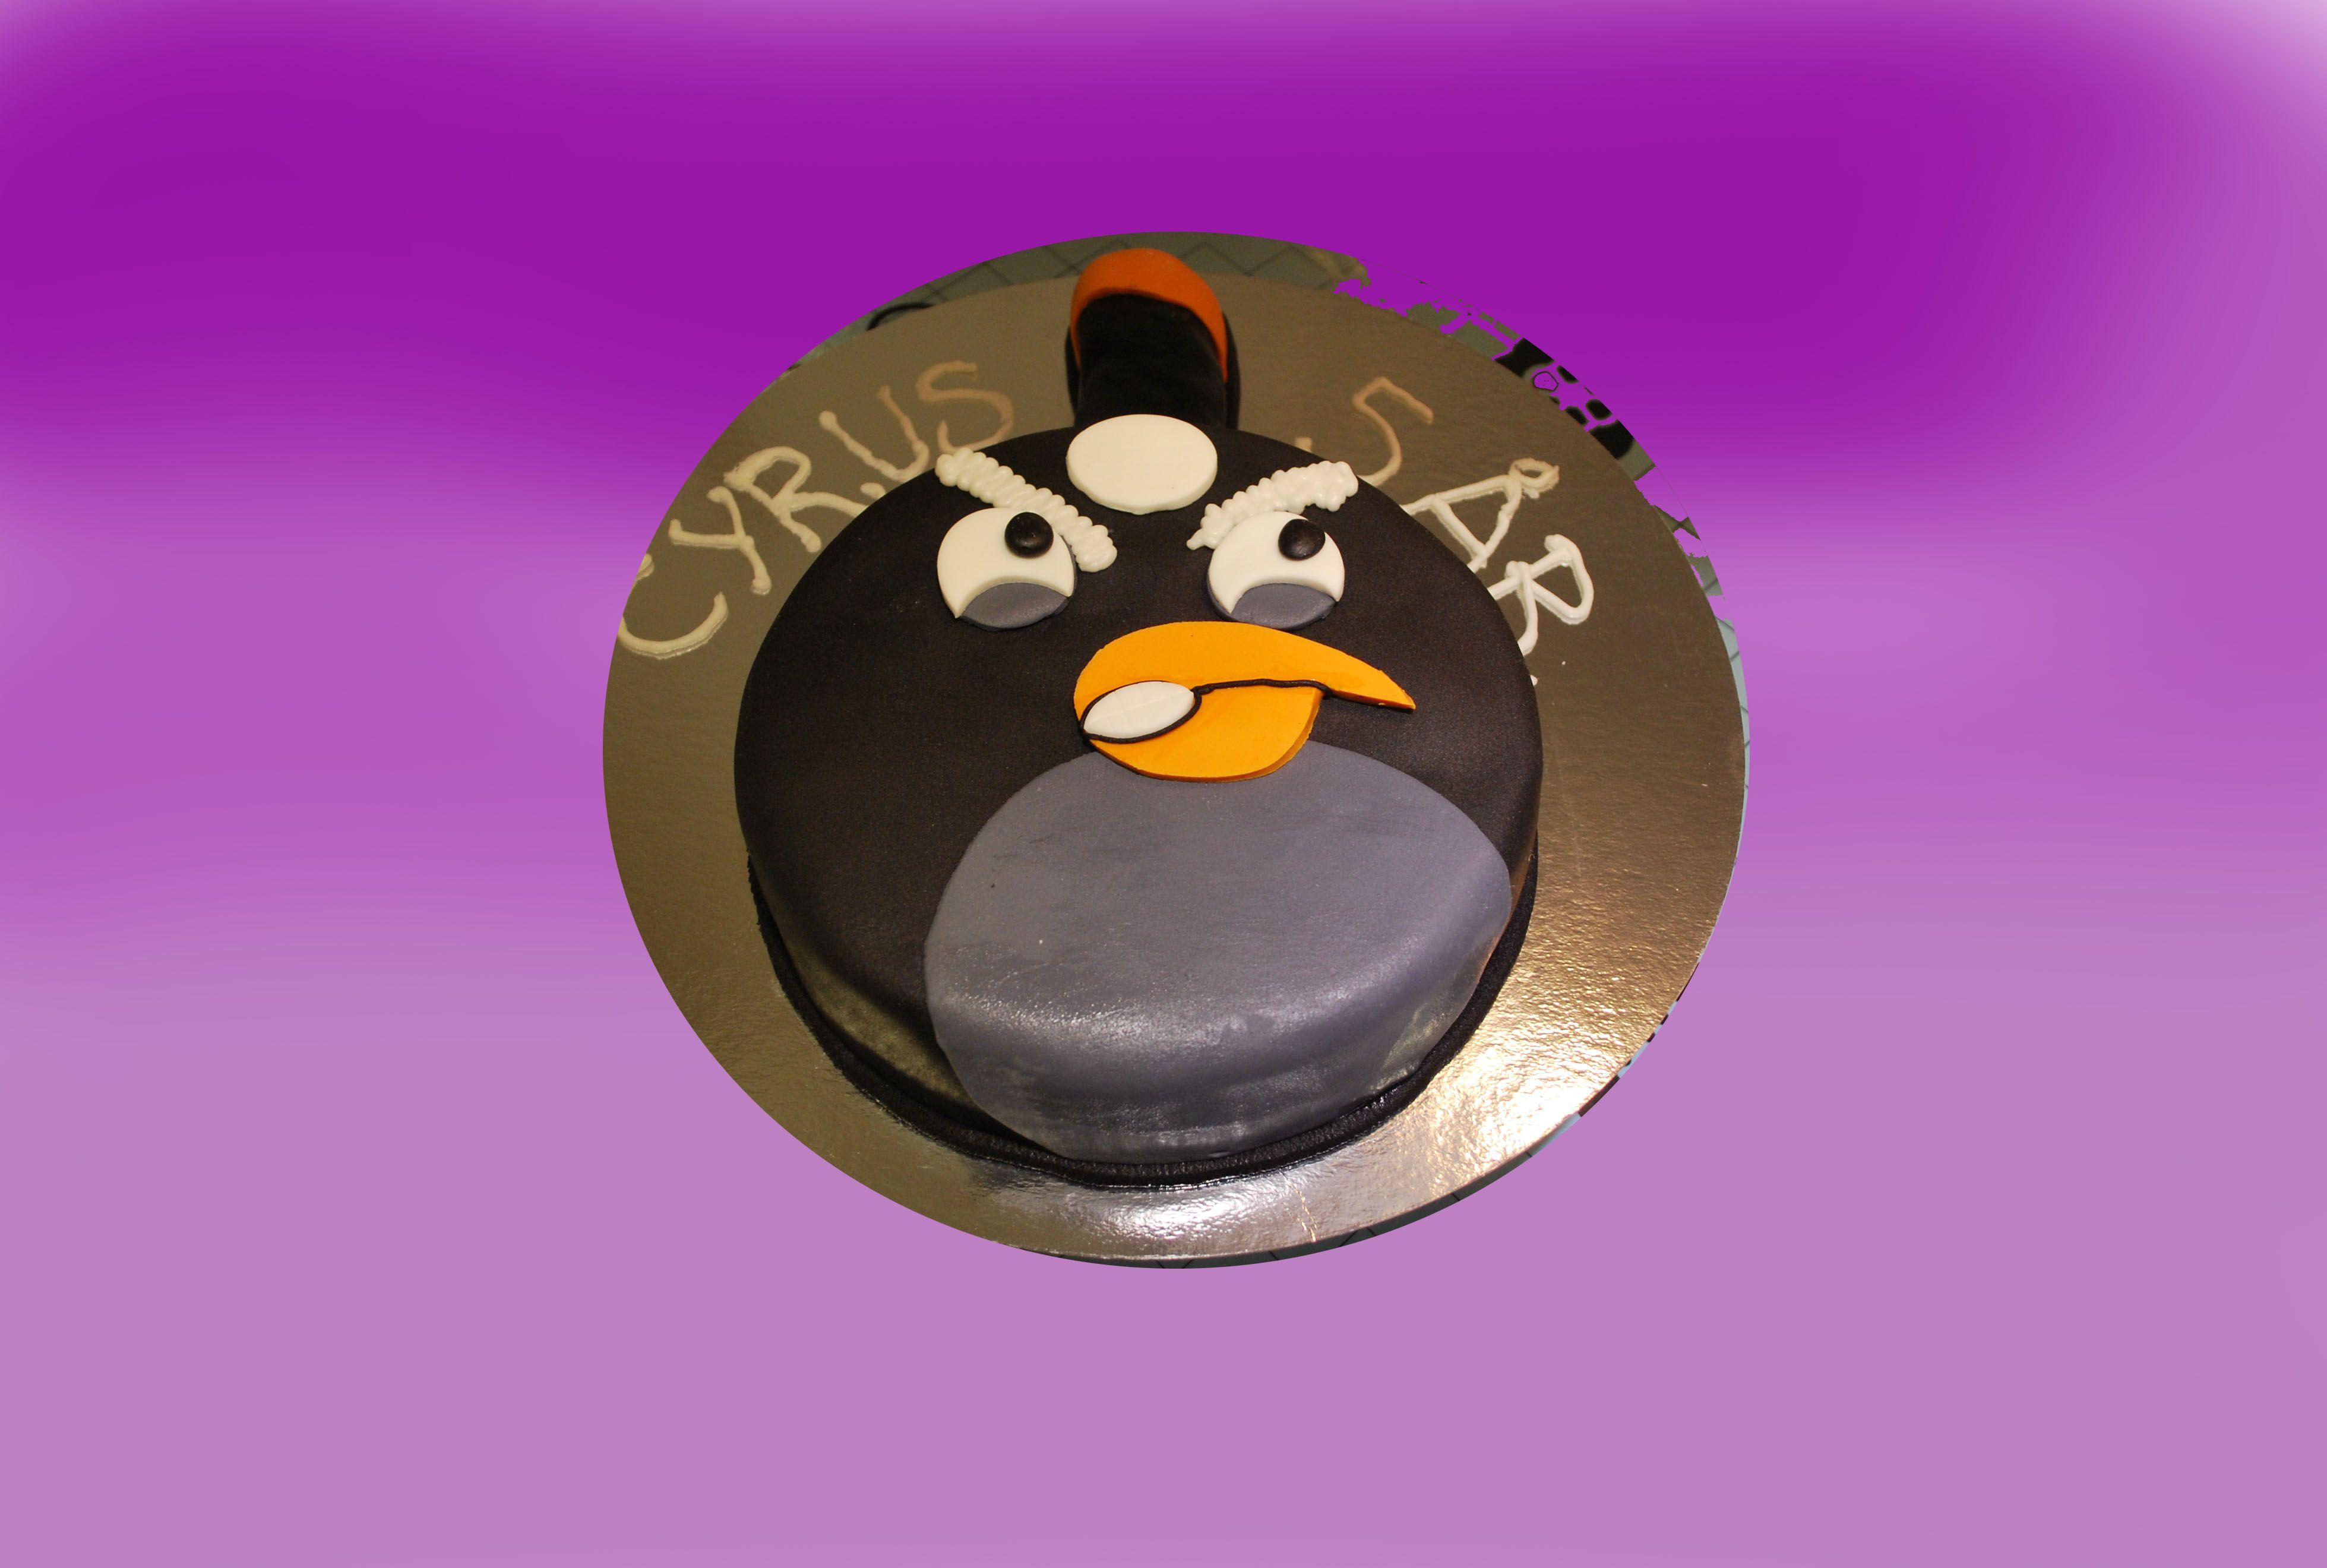 ANGRY BIRD kakene kan lages i de fleste variantene enten de er røde, svarte , grønne friser eller gule. Kan lages både som sjokoladekake og marsipanbløtkake. Ta kontakt for mer info på post@bellakaker.no eller ta en titt på websiden min www.bellakaker.no